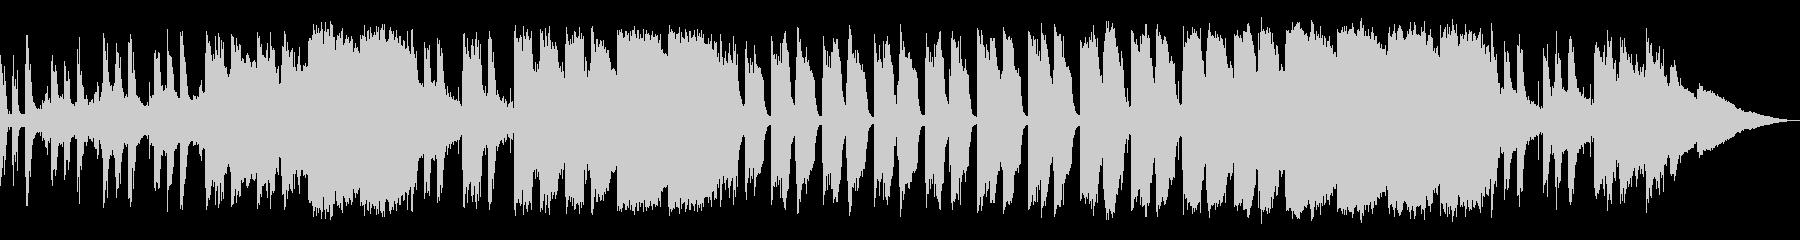 アンビエントなジブリ風サウンドの未再生の波形